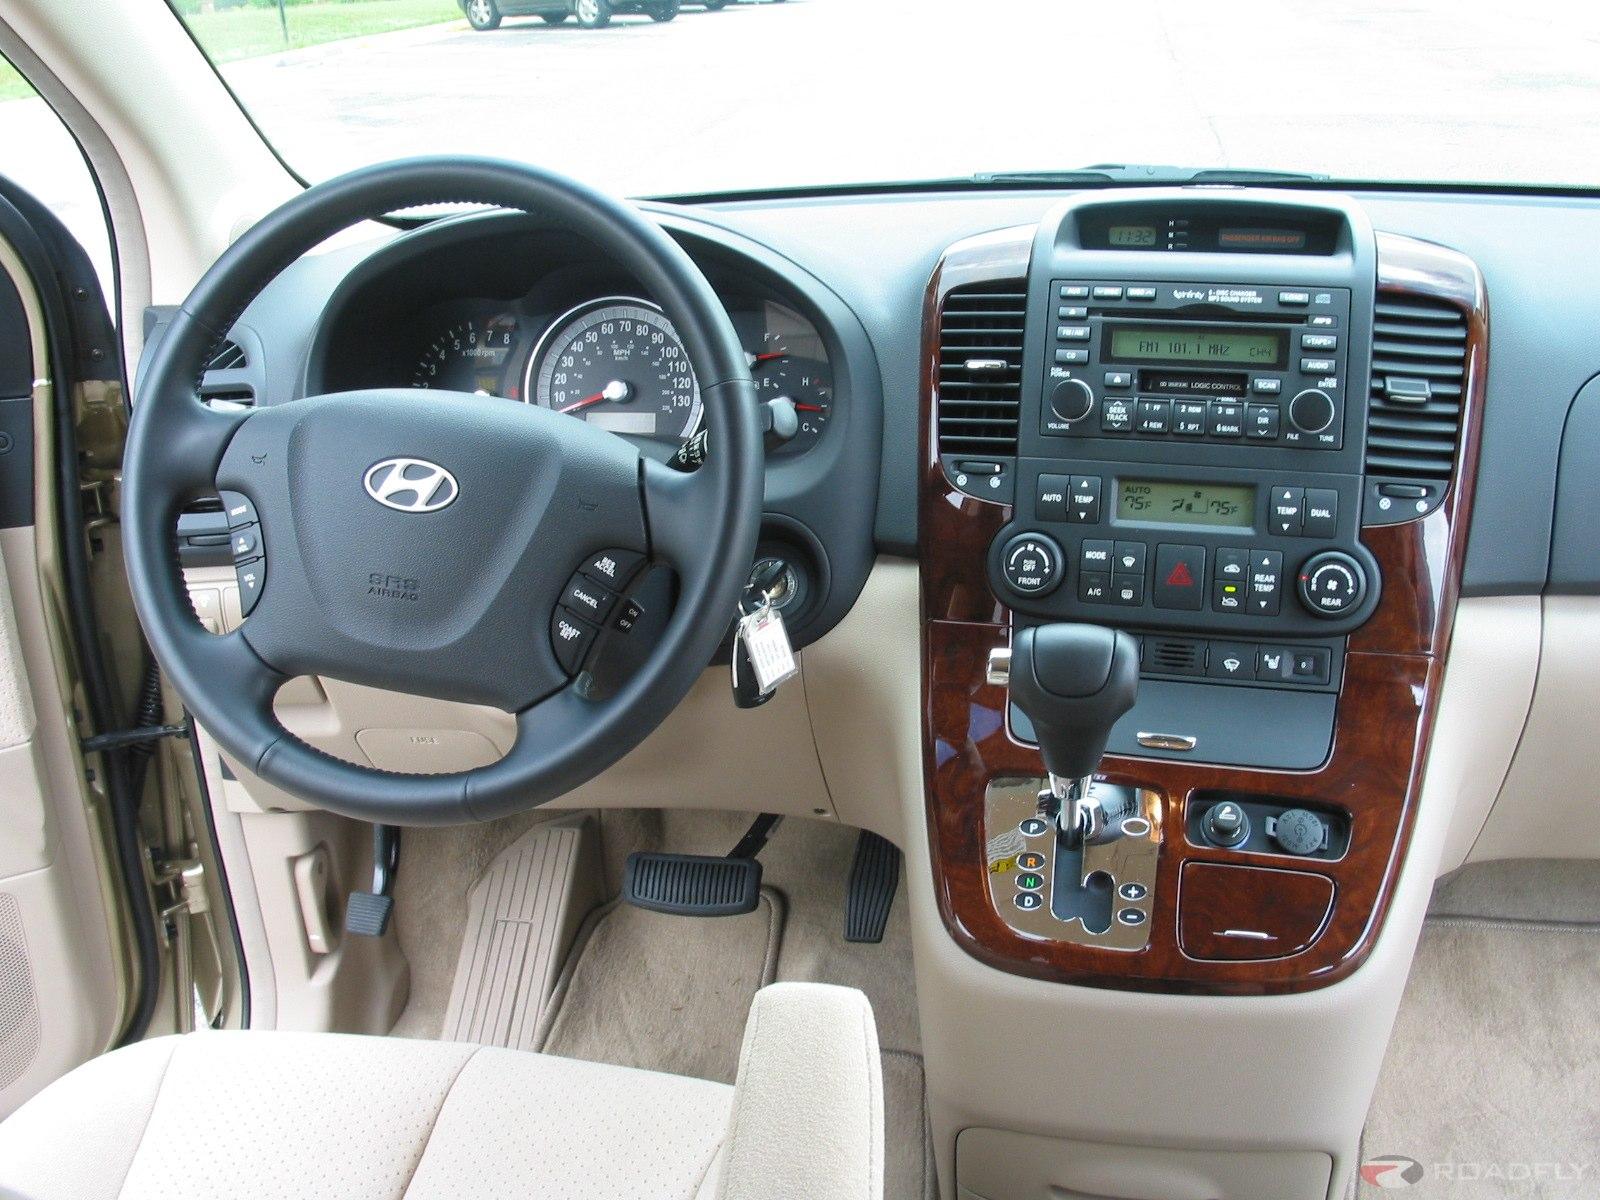 2008 Hyundai Entourage 11